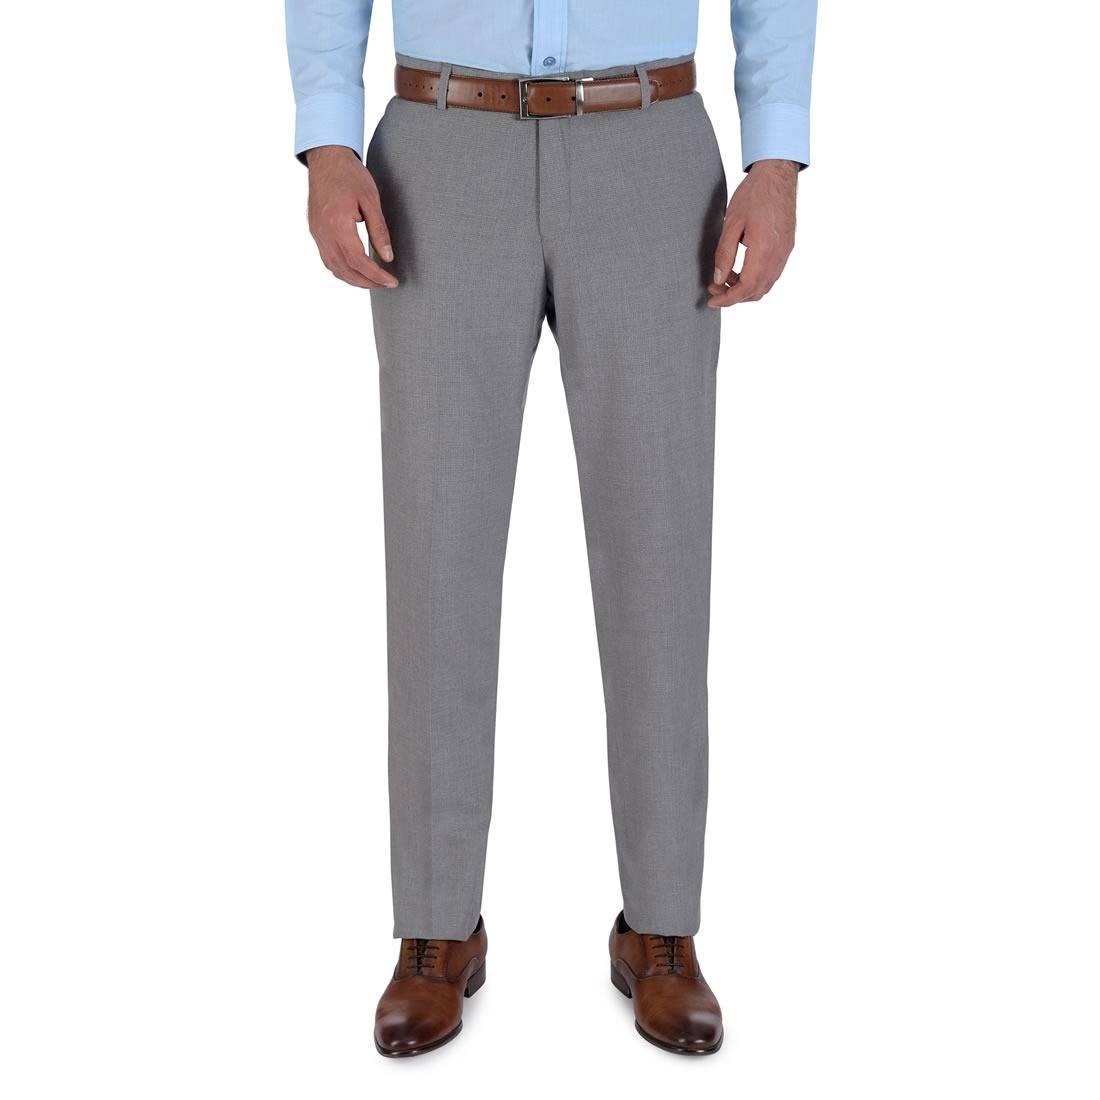 010072112608-01-Pantalon-de-Vestir-Sin-Pinzas-Modern-Slim-Fit-Oxford-yale